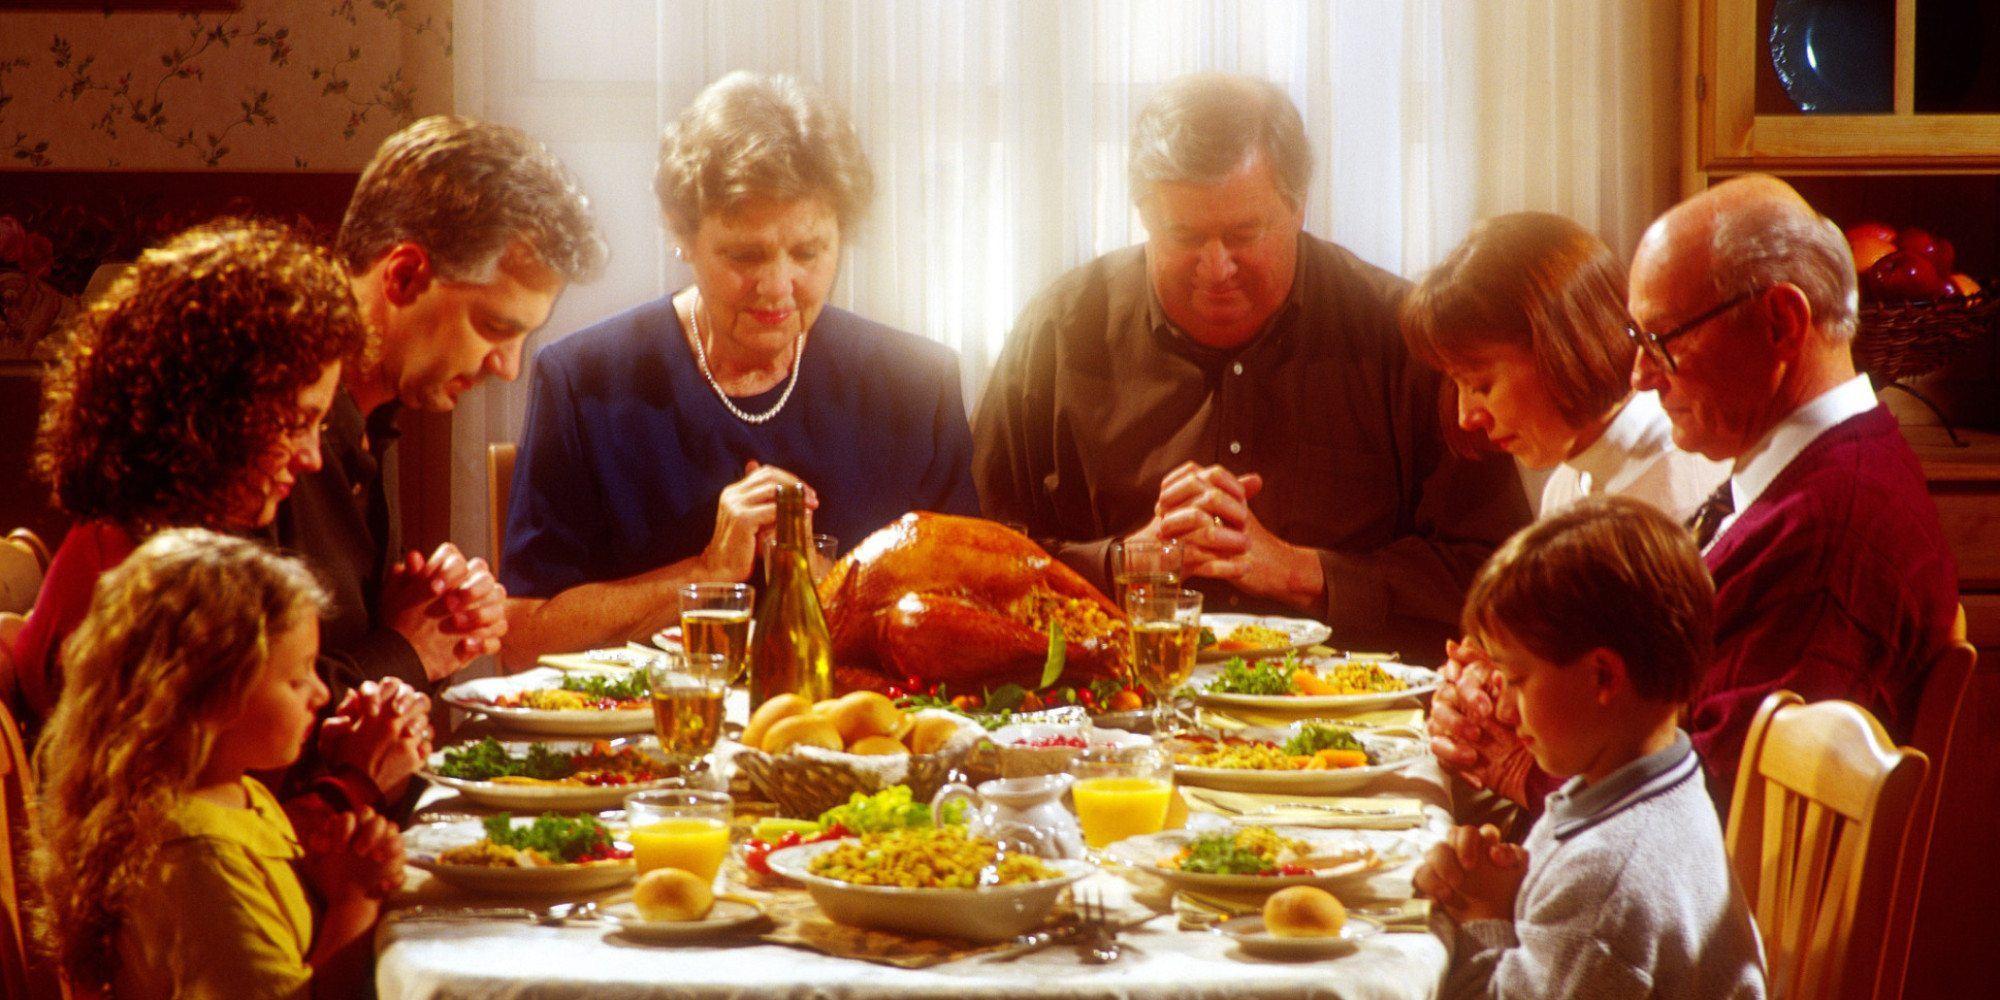 Thanksgiving Dinner To Go 2019  Oración para el Da de Acción de Gracias – Thanksgiving